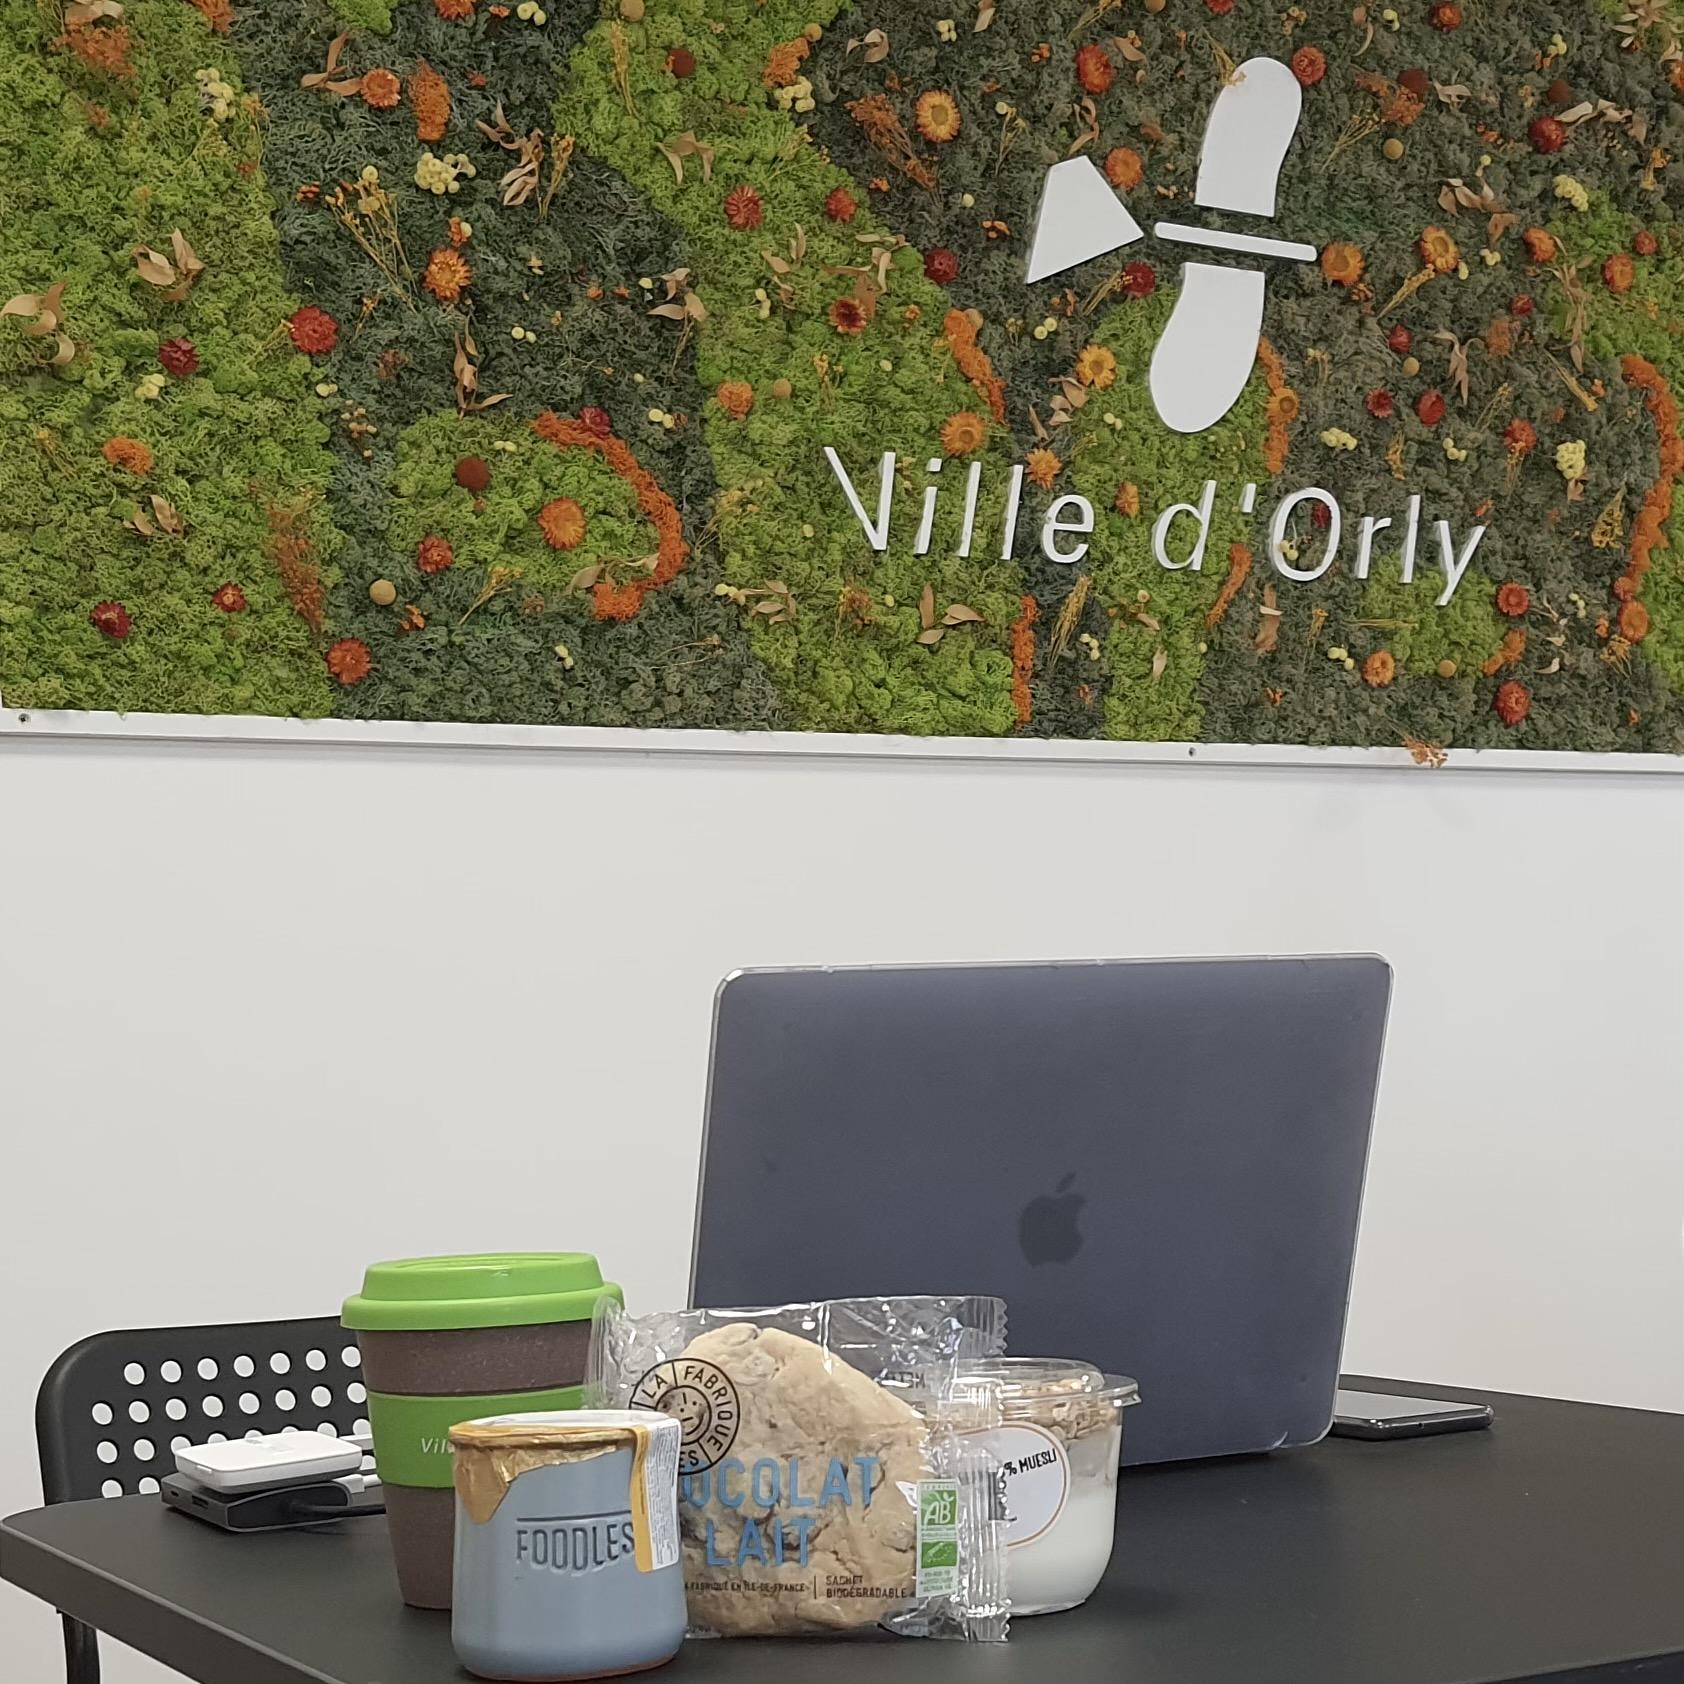 La Ville d'Orly a adopté Foodles !